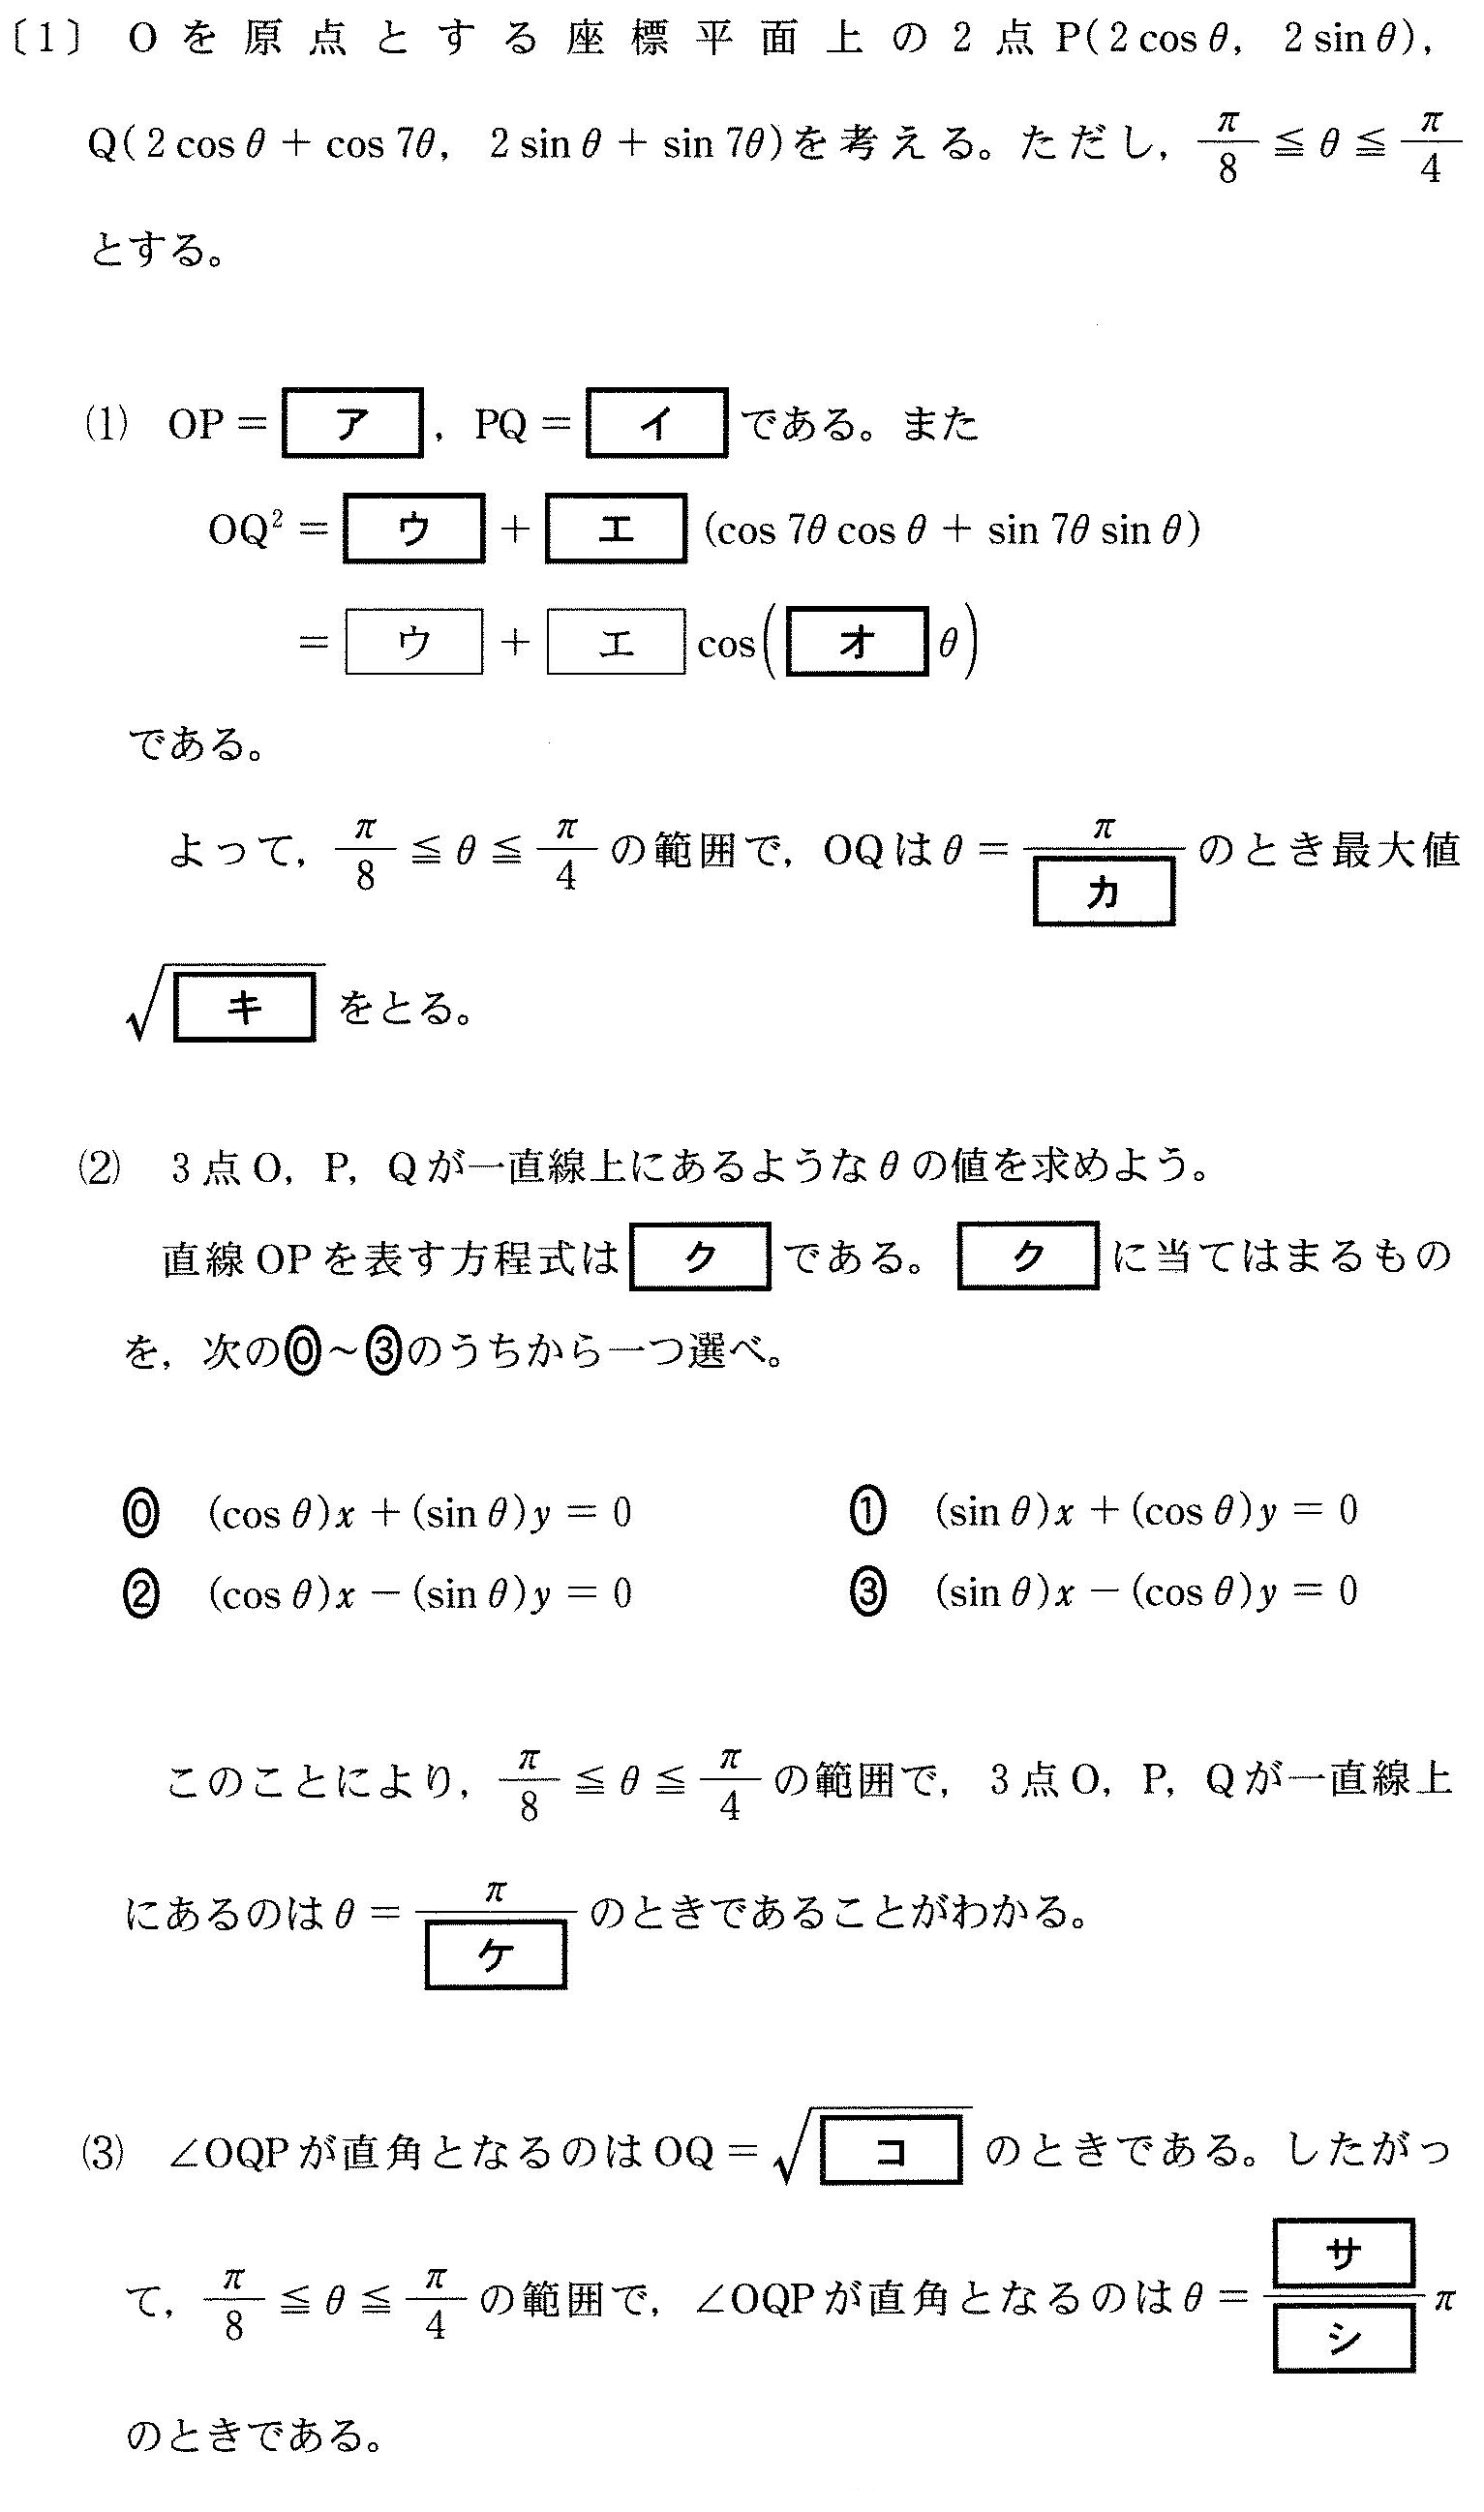 問題2B1-1